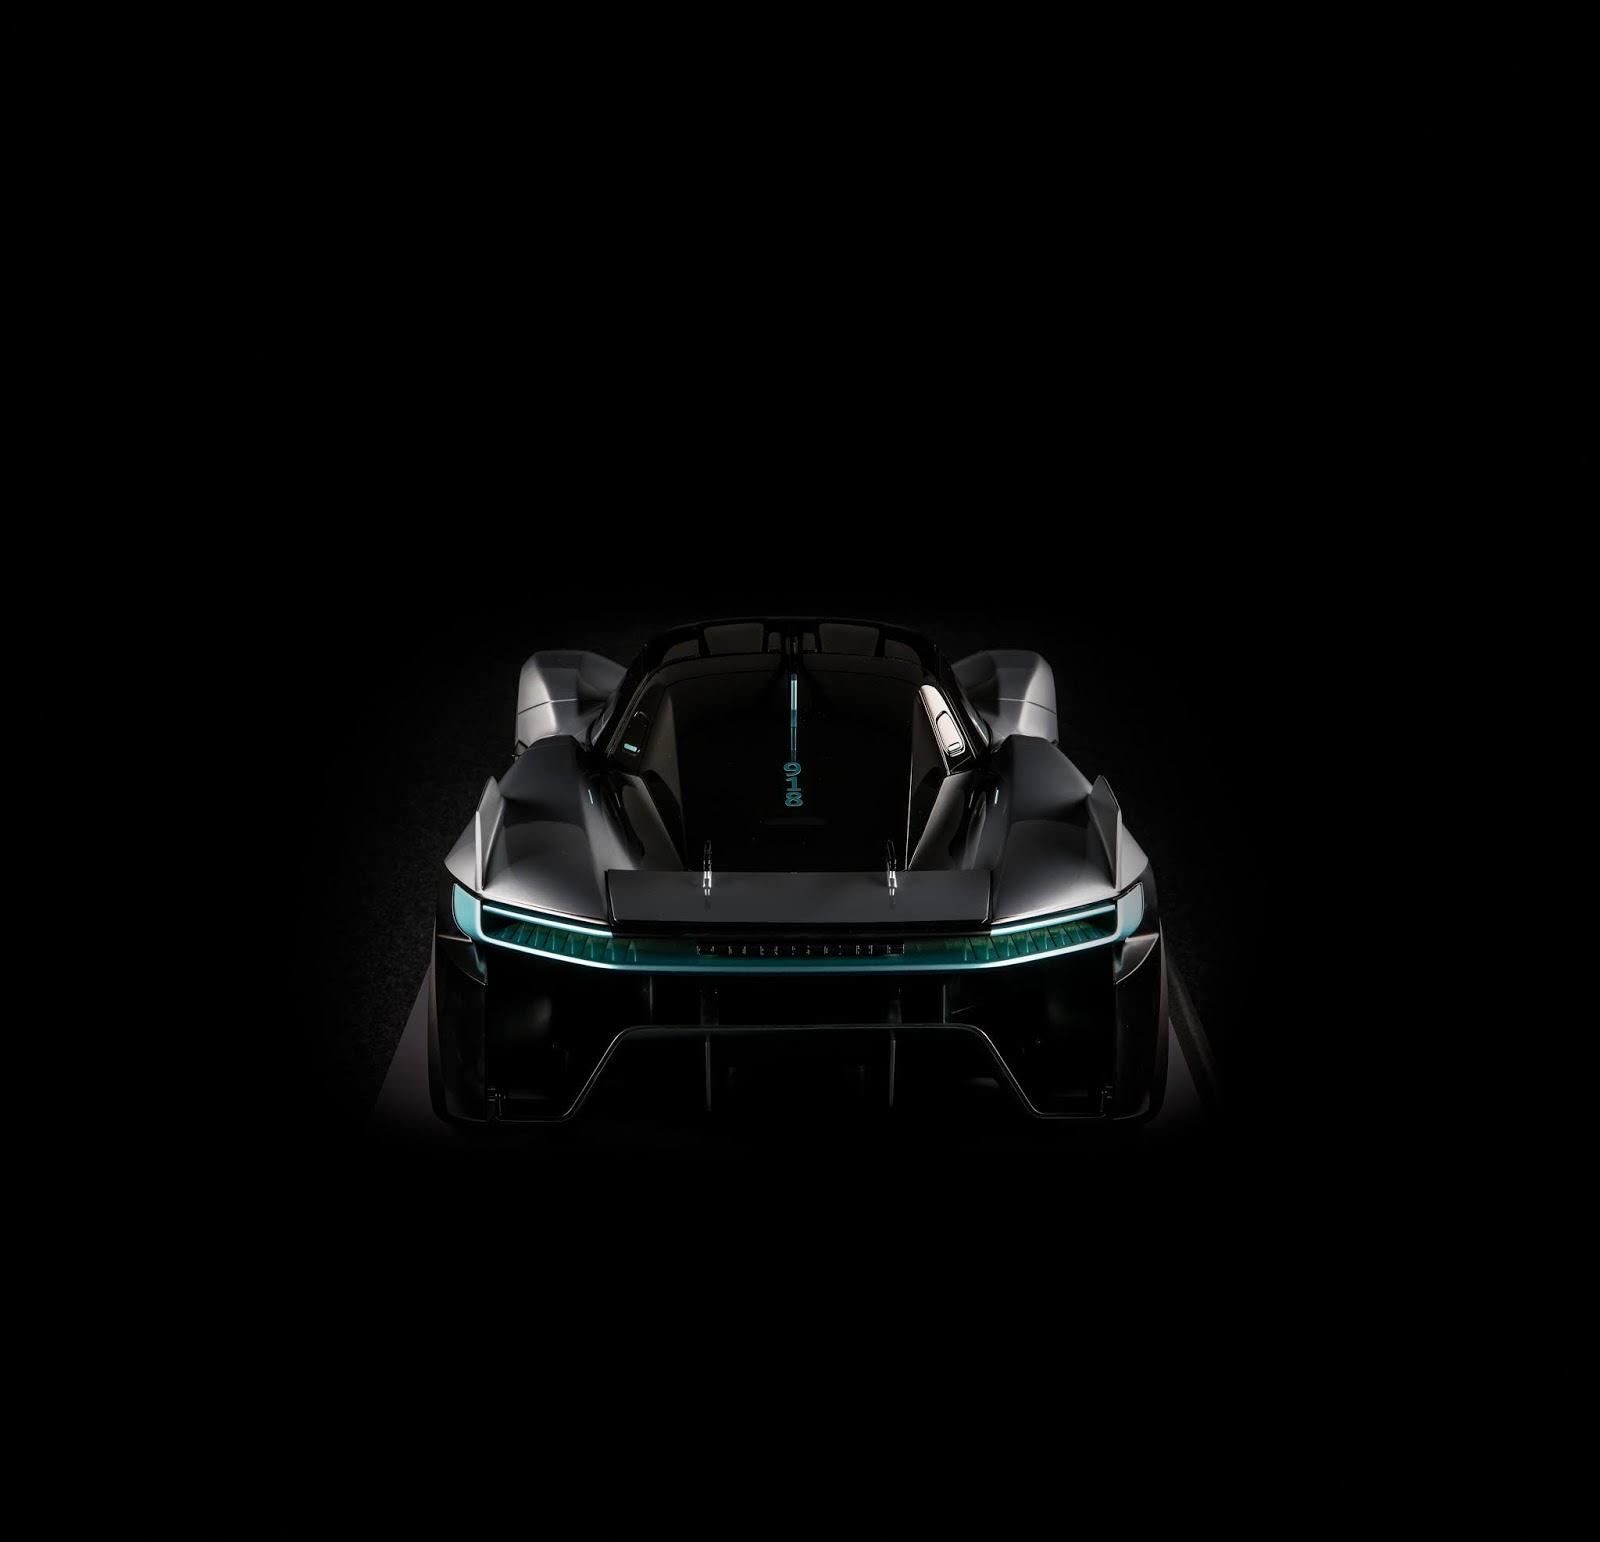 Capture0053 2 Τα άγνωστα Hypercars της Porsche hypercar, Porsche, Porsche Unseen, Sunday, supercar, supercars, zblog, ειδήσεις